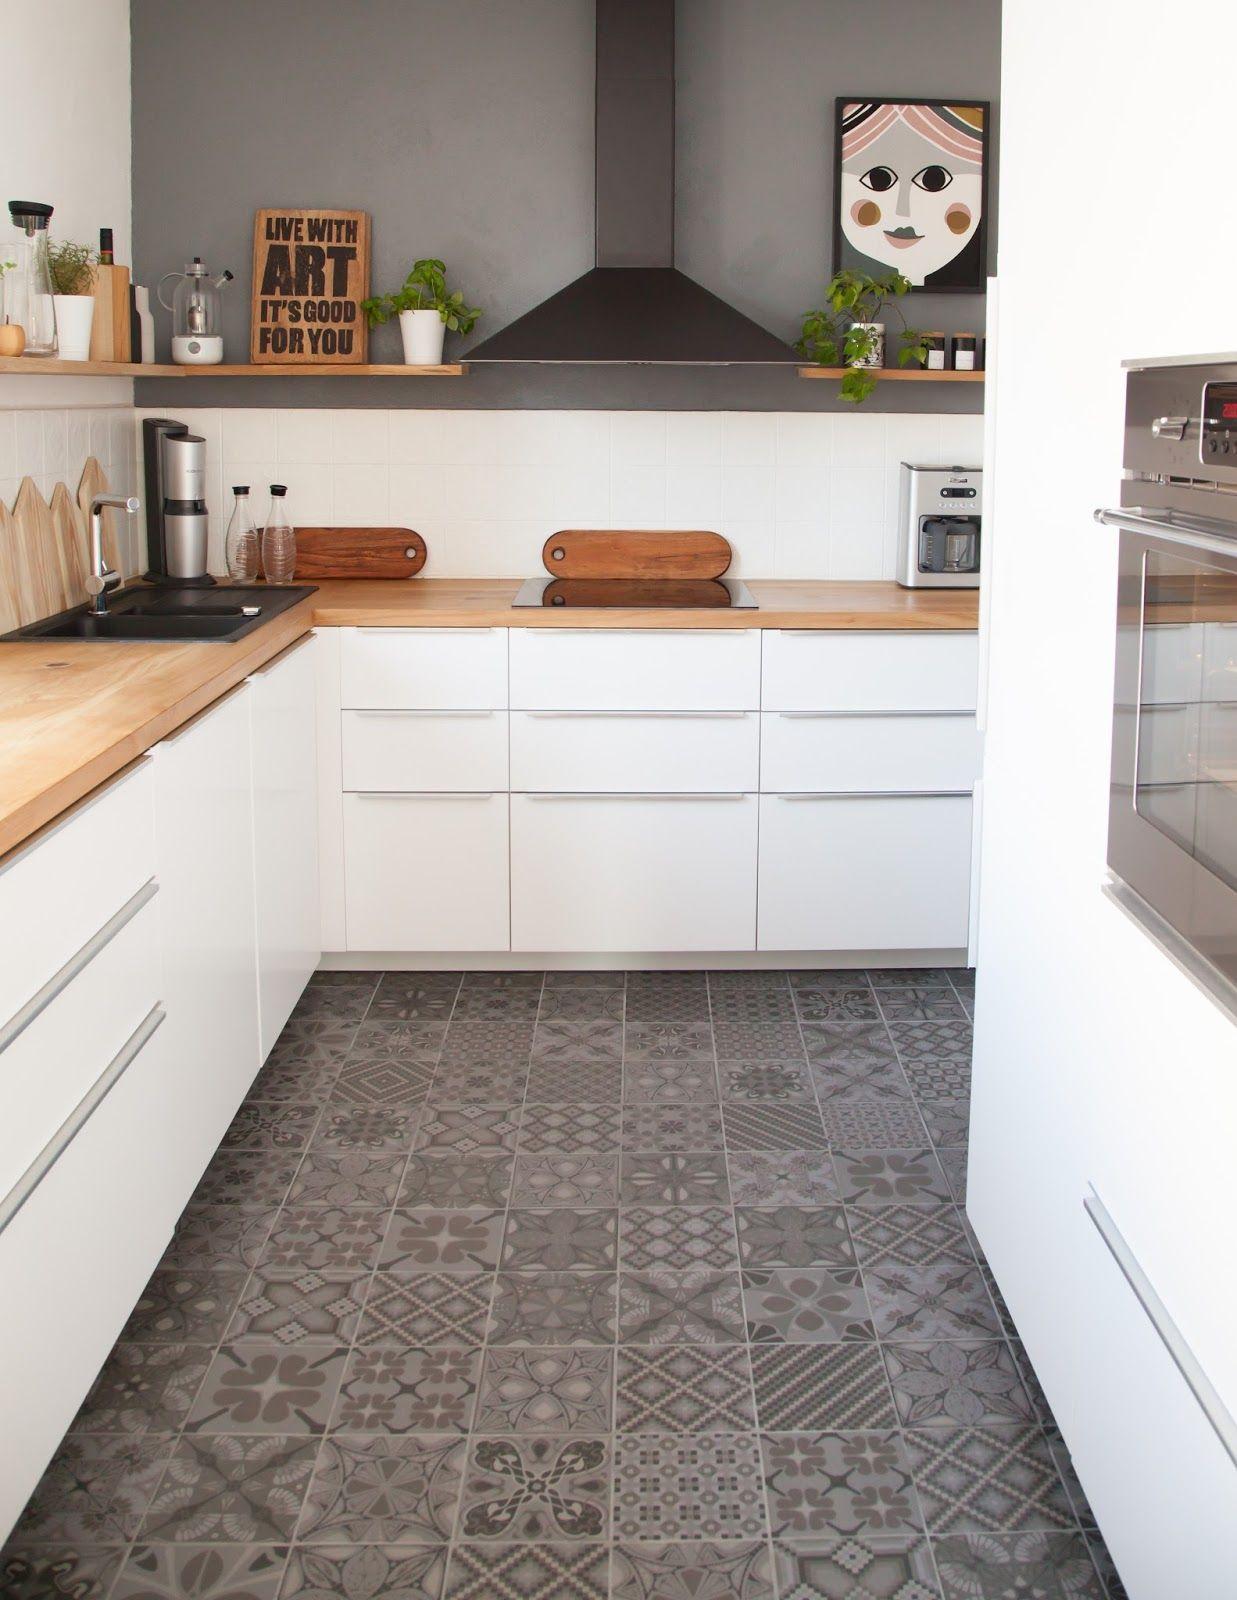 über küchenschrank ideen zu dekorieren house tour mit lisa von wohnprojekt  ideen  pinterest  haus